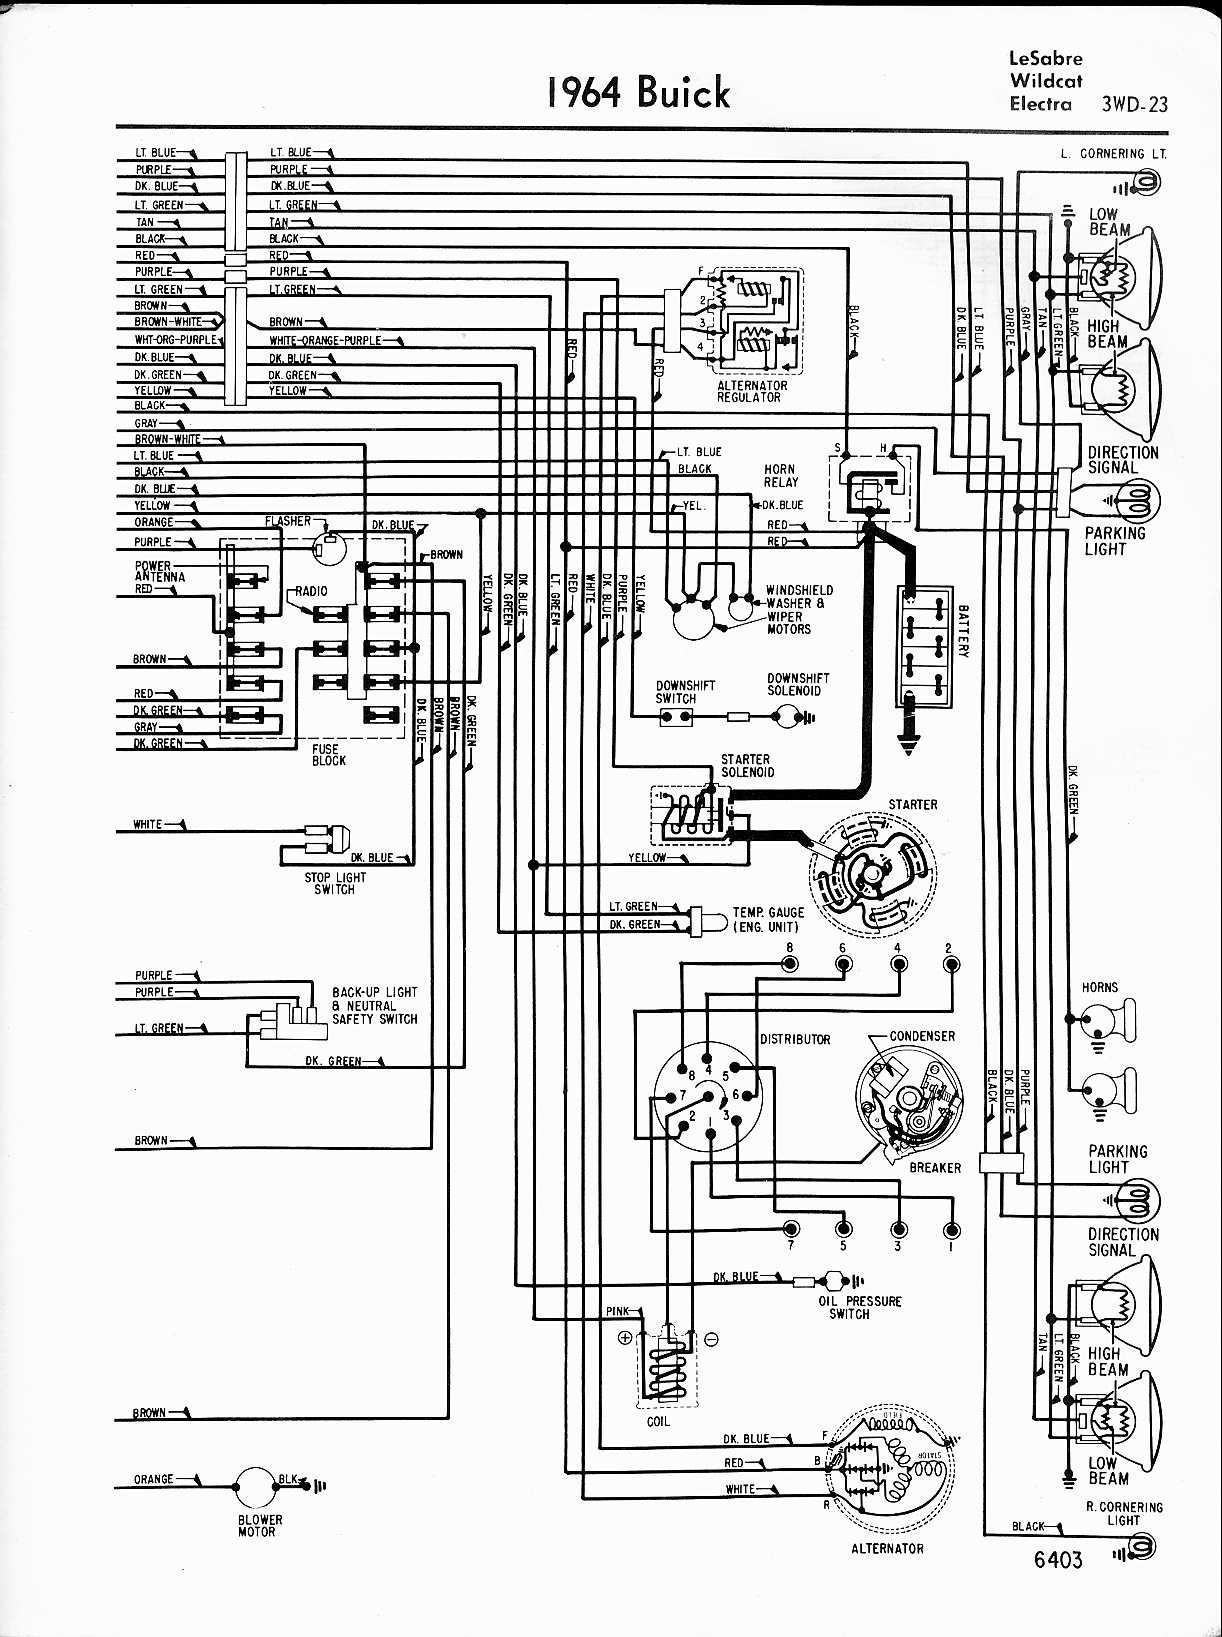 97 infiniti wiring diagram wiring diagram libraries infiniti q45 engine diagram 1997 infiniti i30 fuse box diagraminfiniti q45 engine diagram 97 infiniti q45